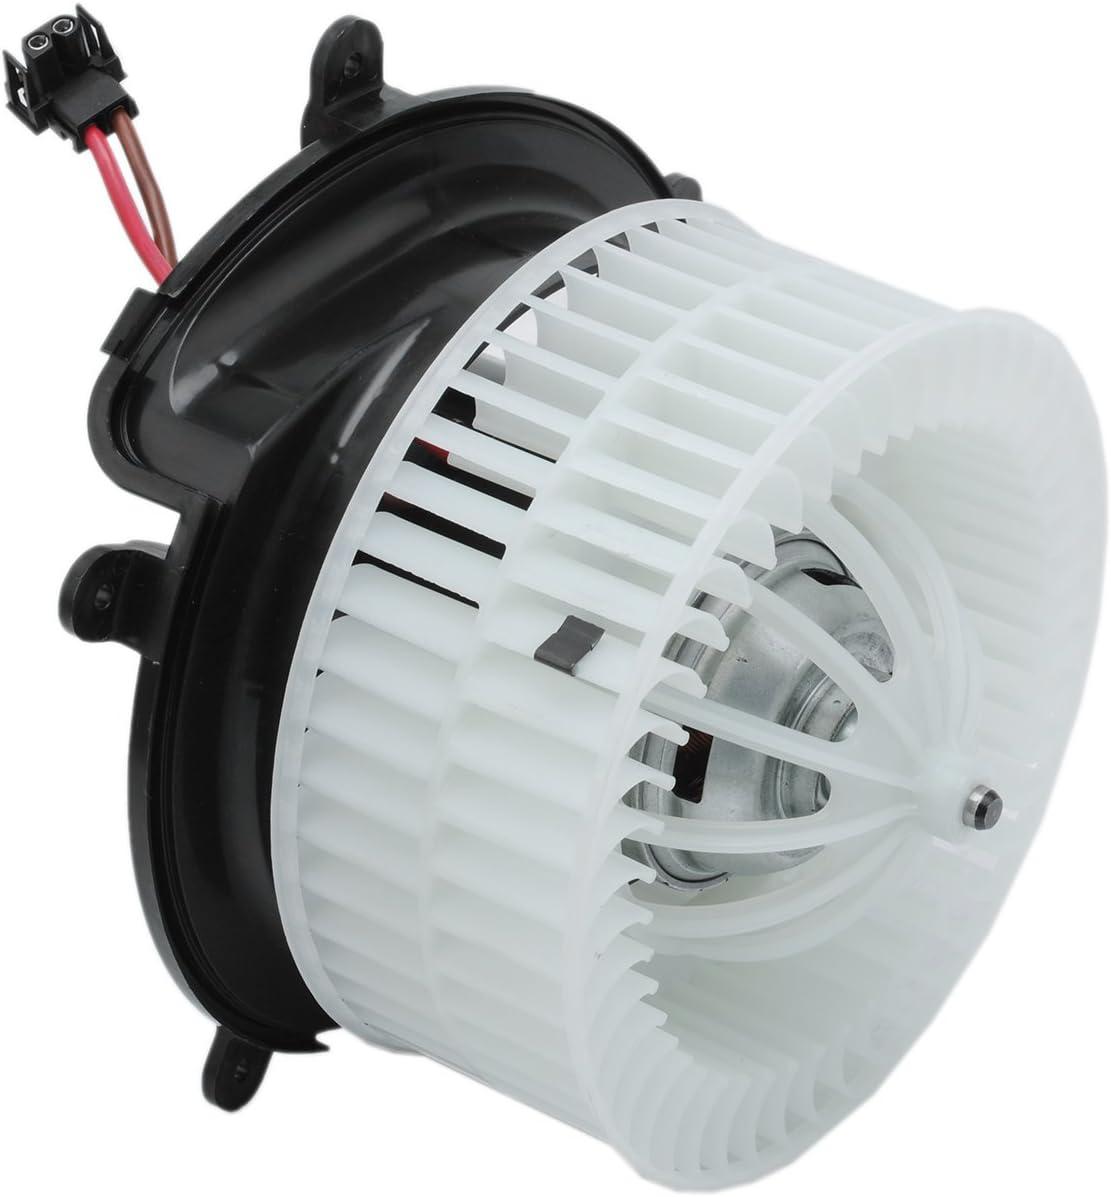 TOPAZ 64116913401 Tulsa Mall A C Dedication Blower Motor for E66 750i BMW 745i E65 750